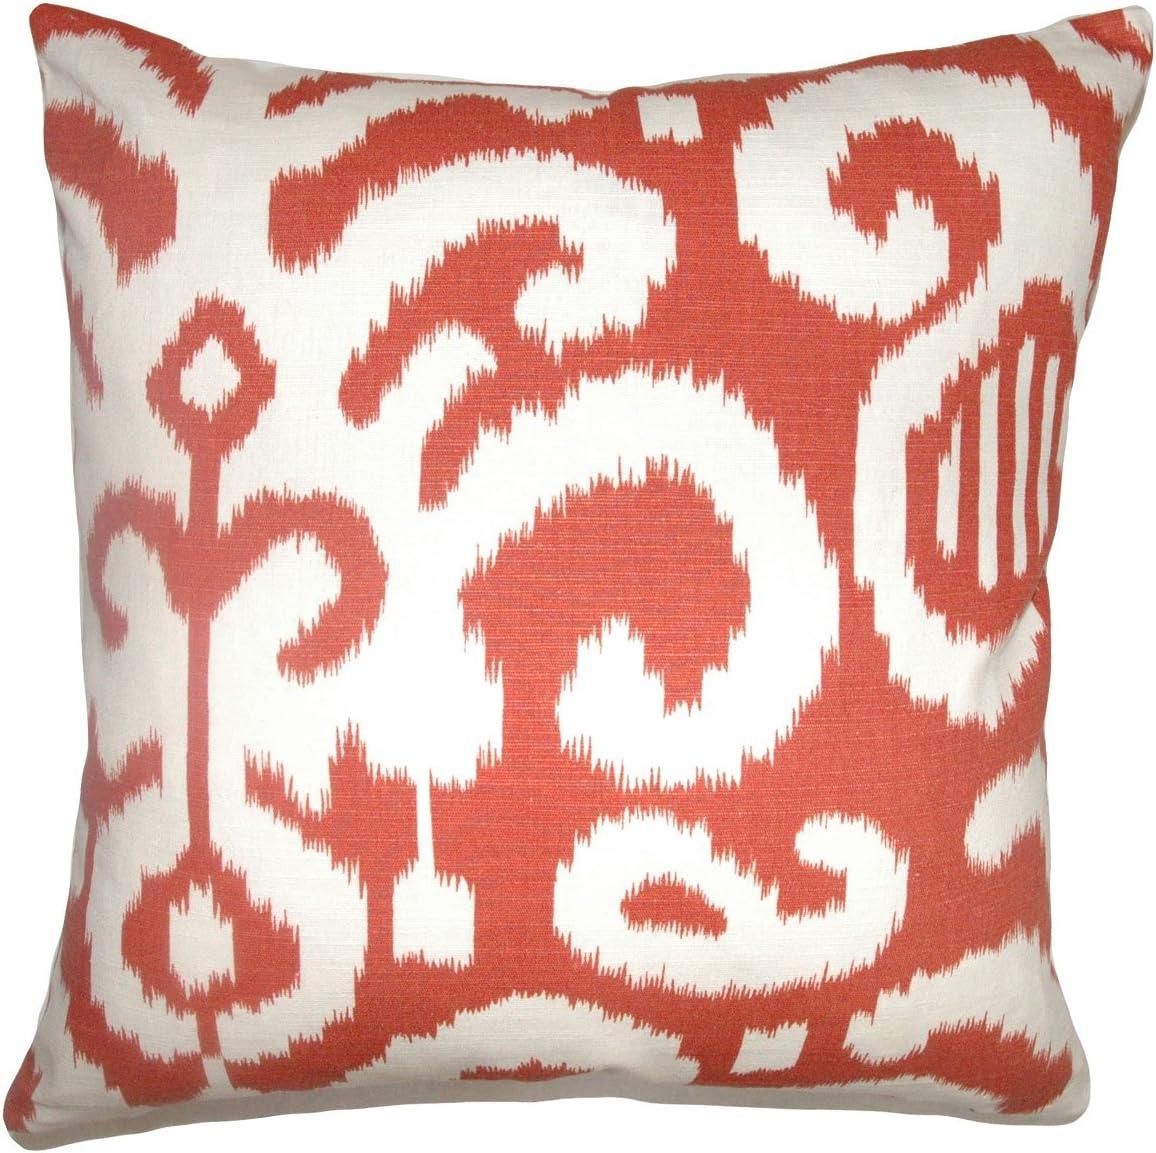 The Pillow Collection Teora Ikat Pillow, Flame